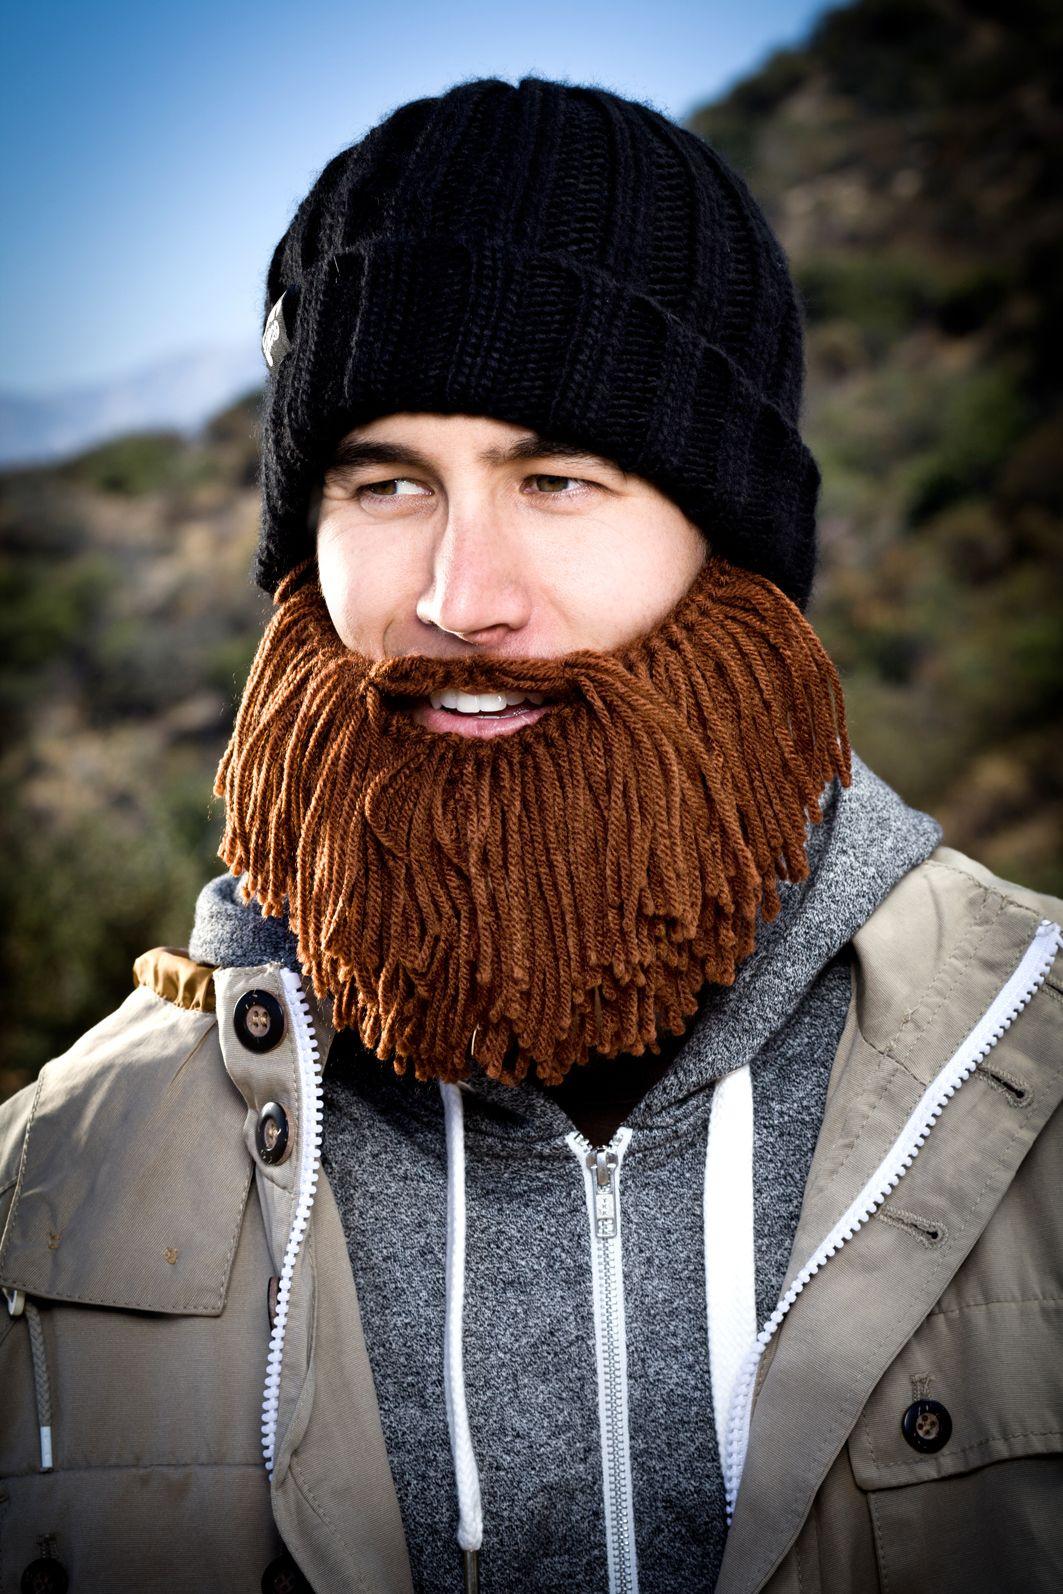 1619d3b45 Vagabond Barbarian Beard Head knit beanie with beard! Makes a great ...